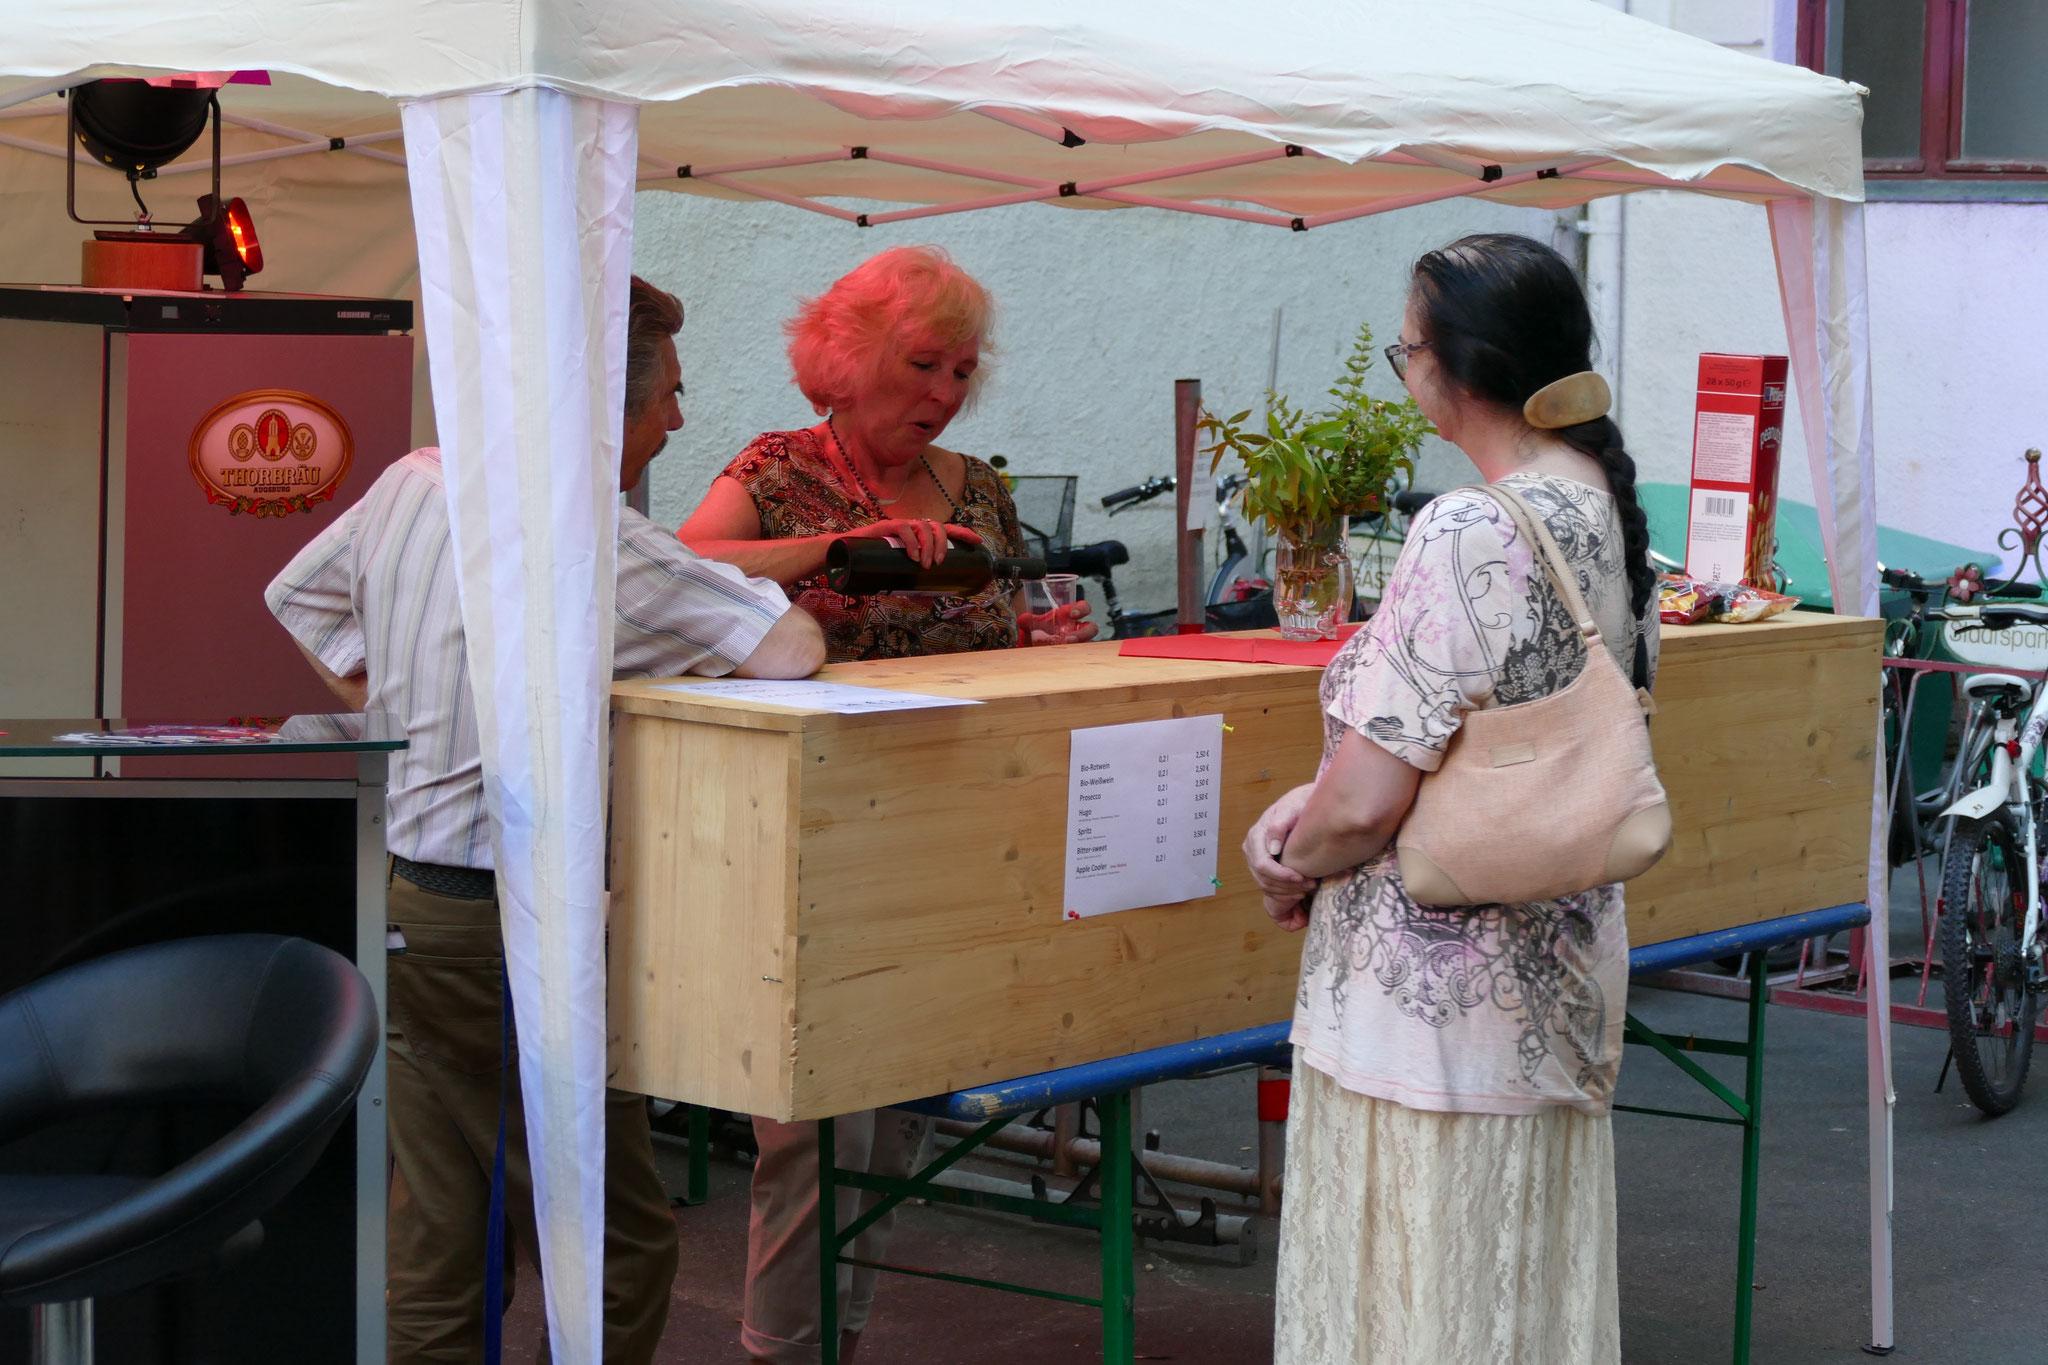 Konzerte im Bürgerhof 06.07.17 - Freiwilligen-Zentrum Augsburg - Foto: Christoph Urban